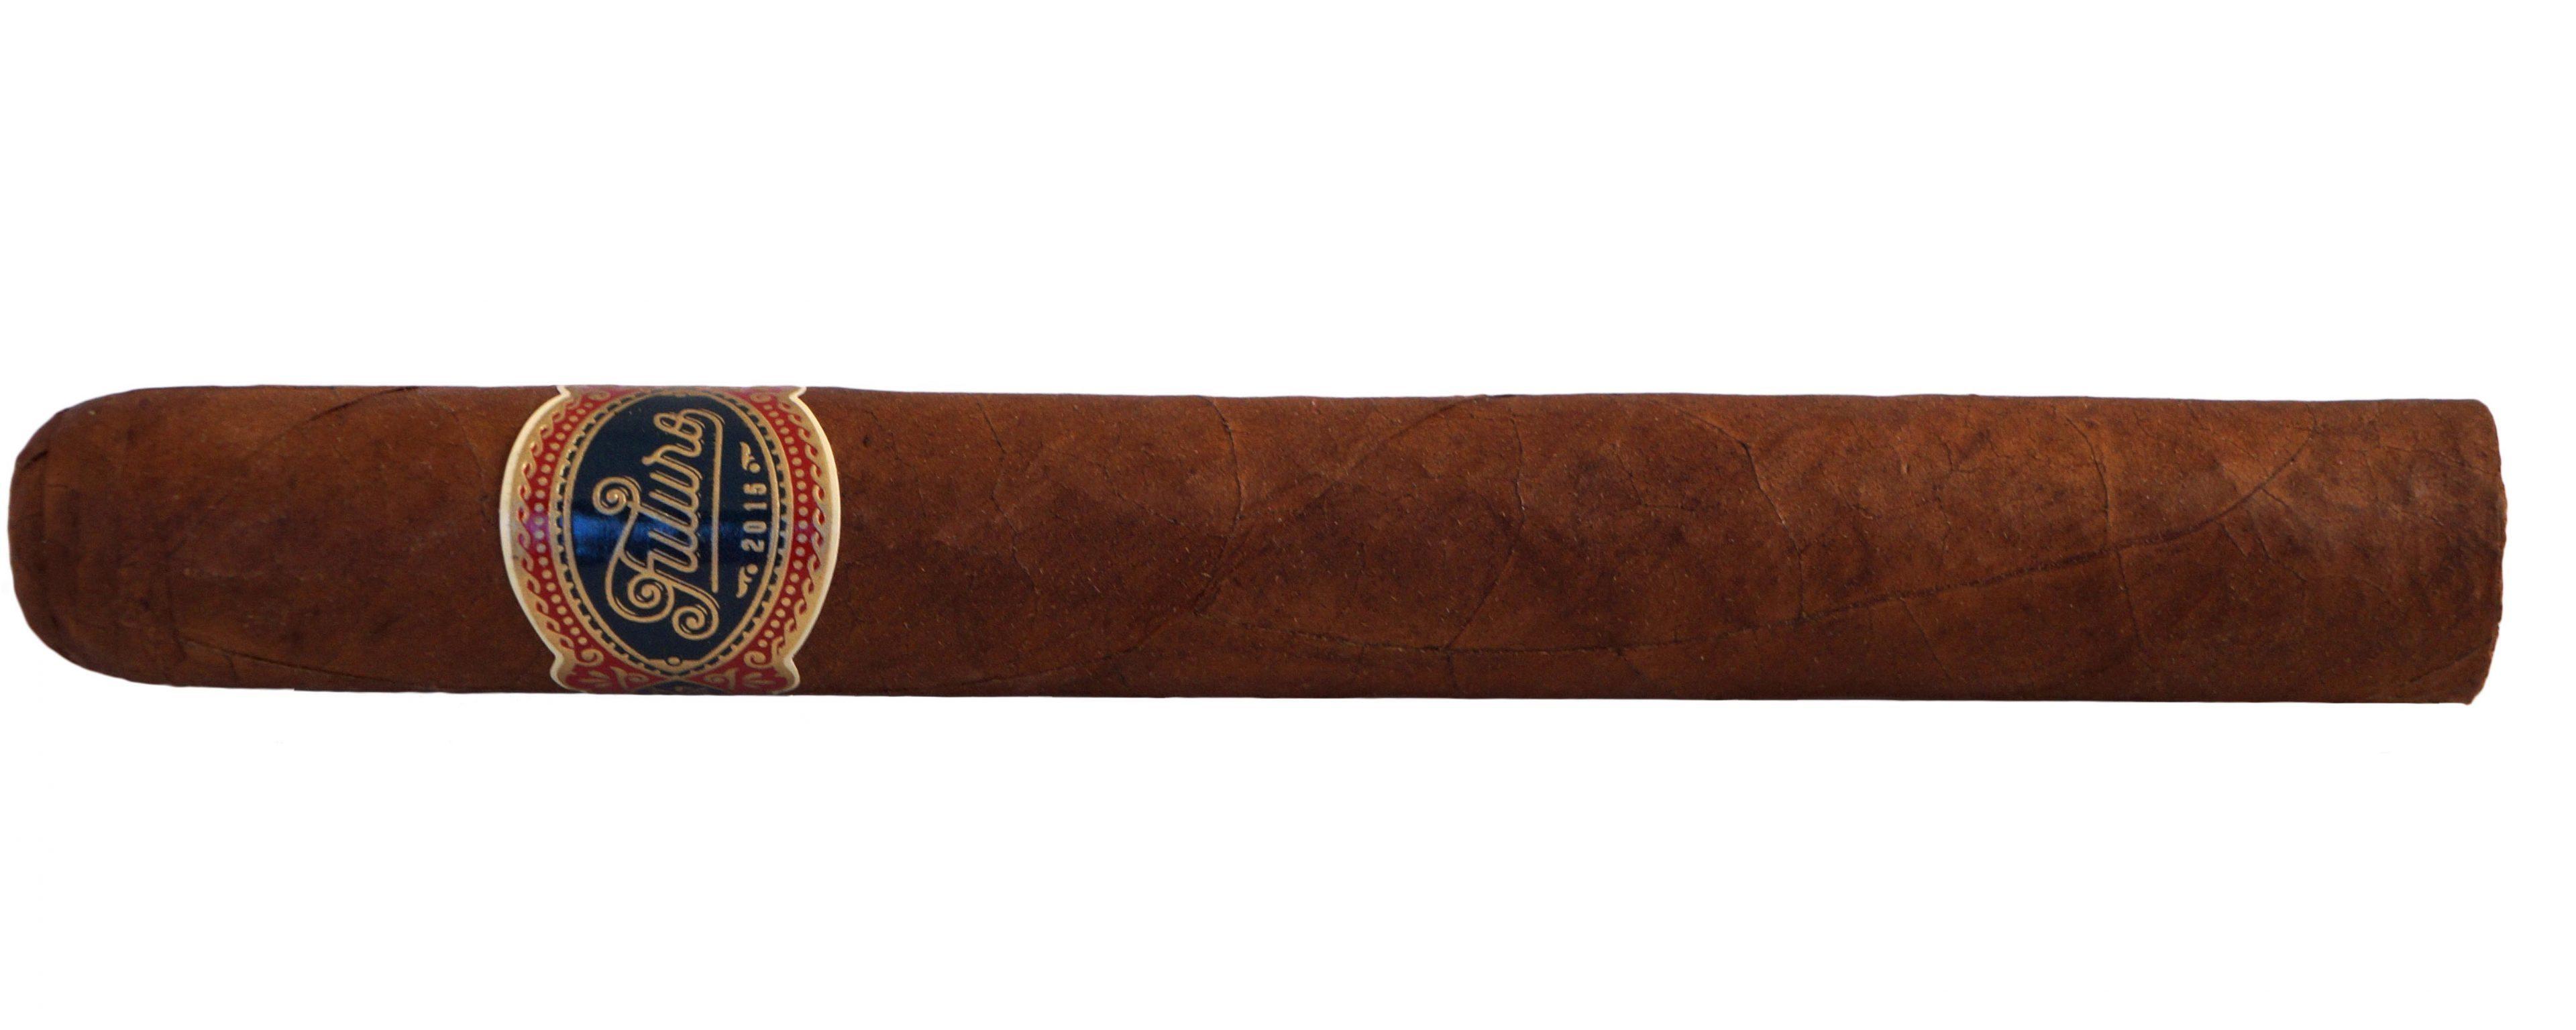 Blind Cigar Review: Warped | Futuro Selección Suprema